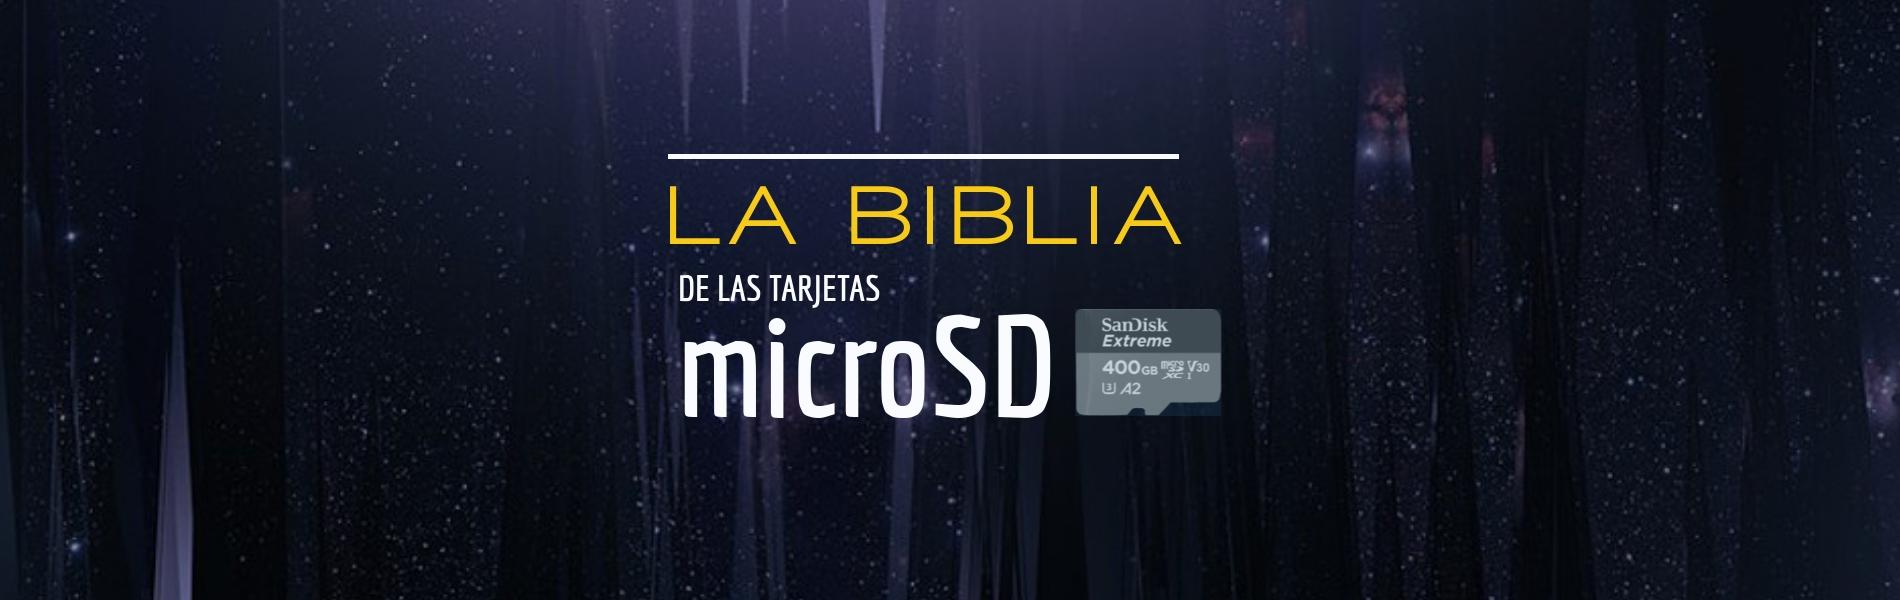 Todo sobre las micro SD